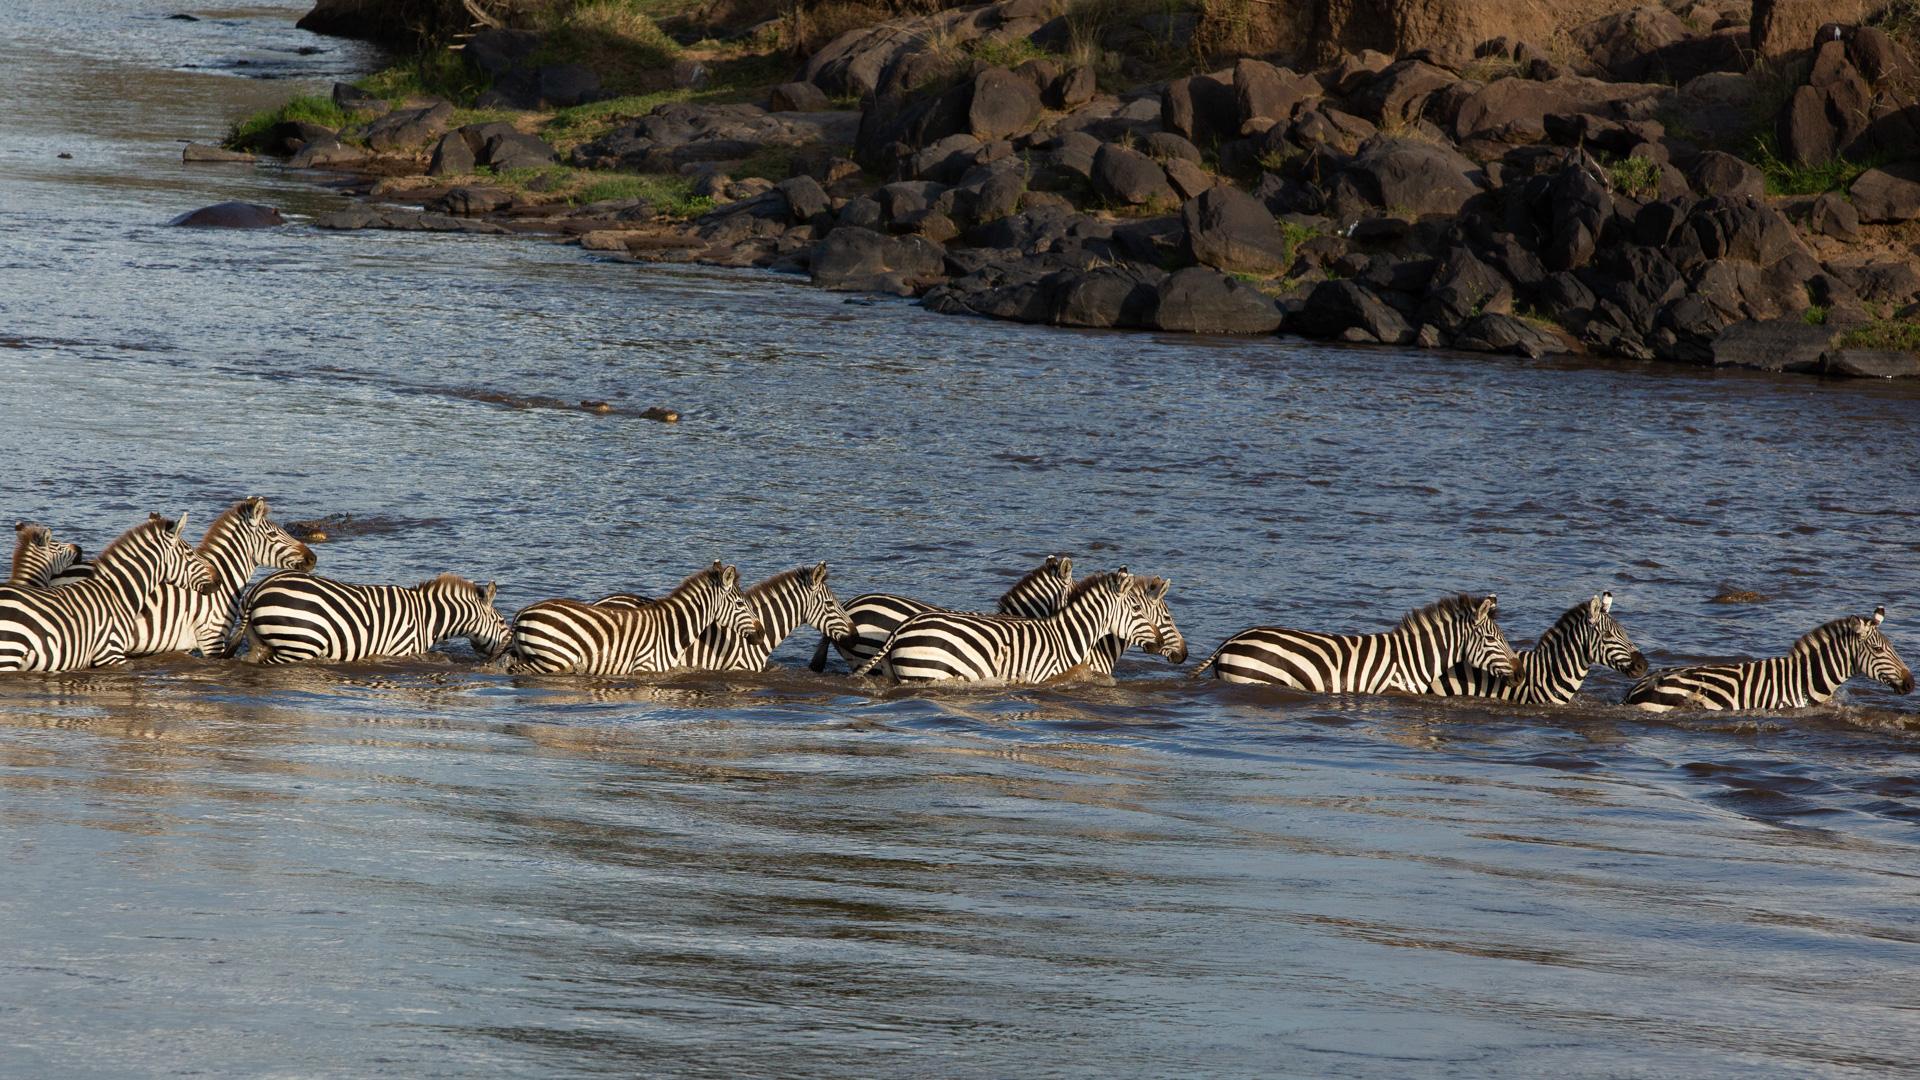 zebras vs crocs